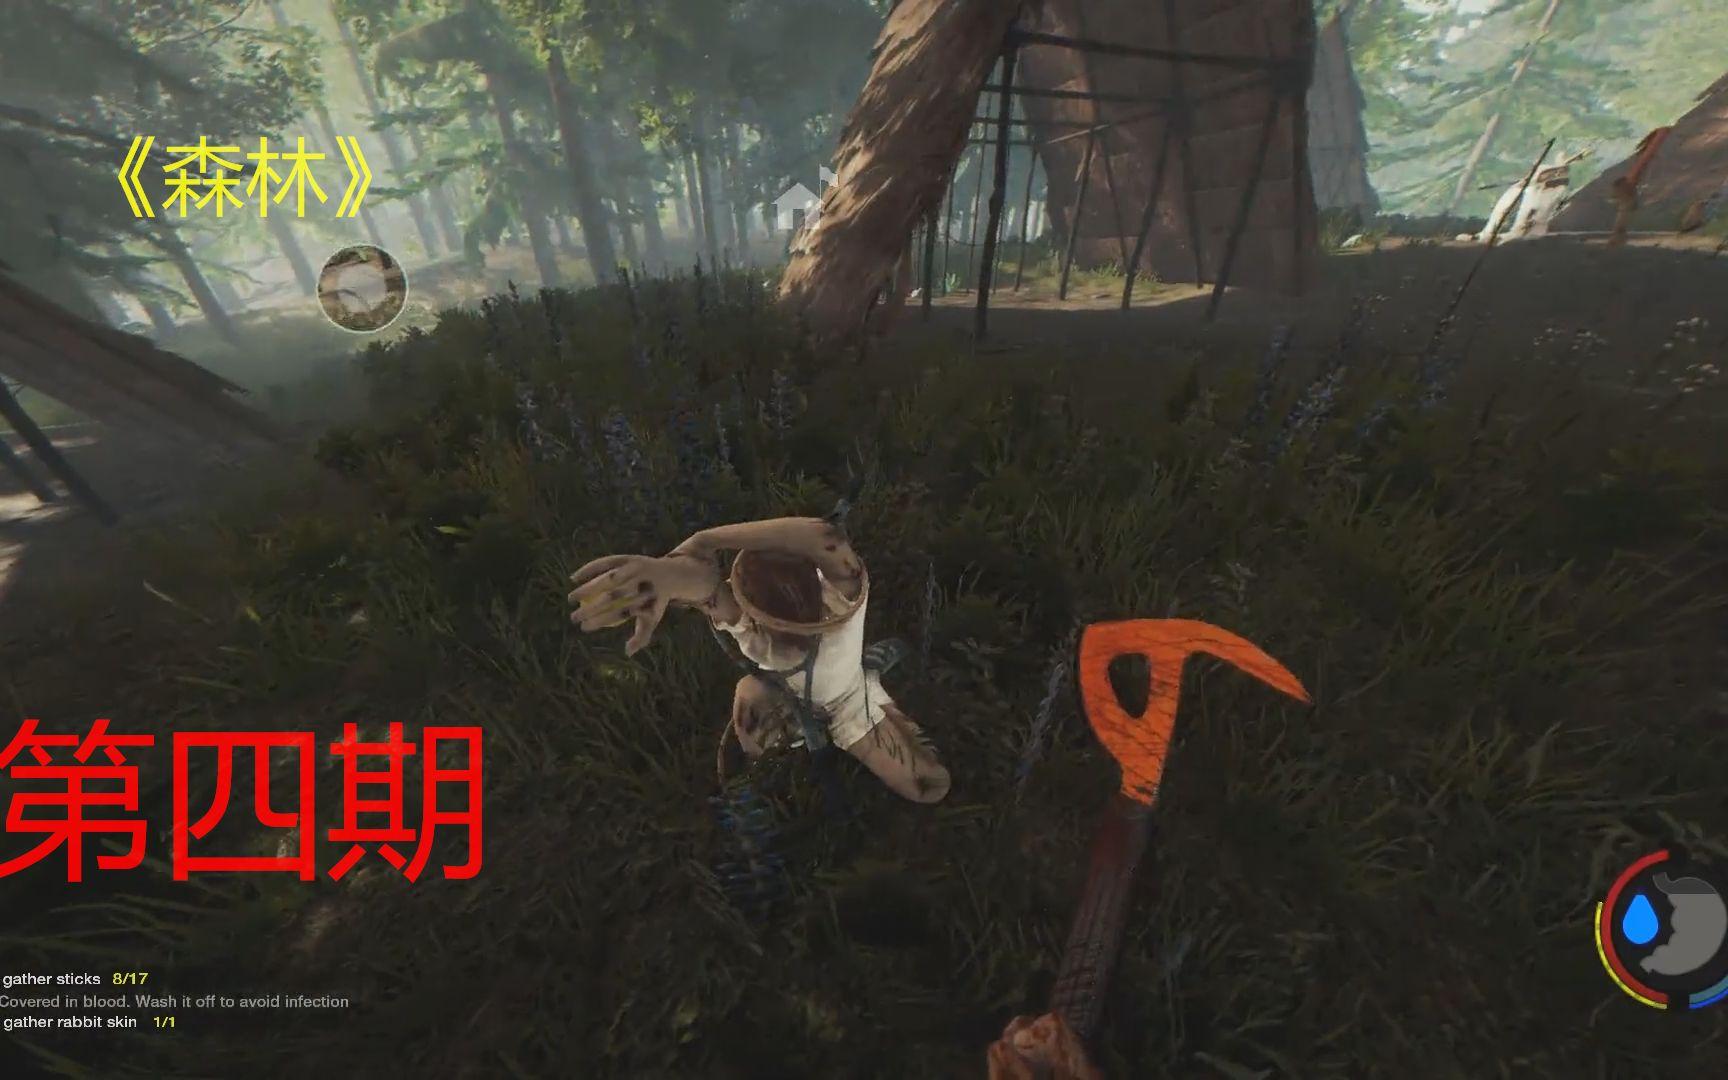 《森林》#4丨用人腿打跑野人图片